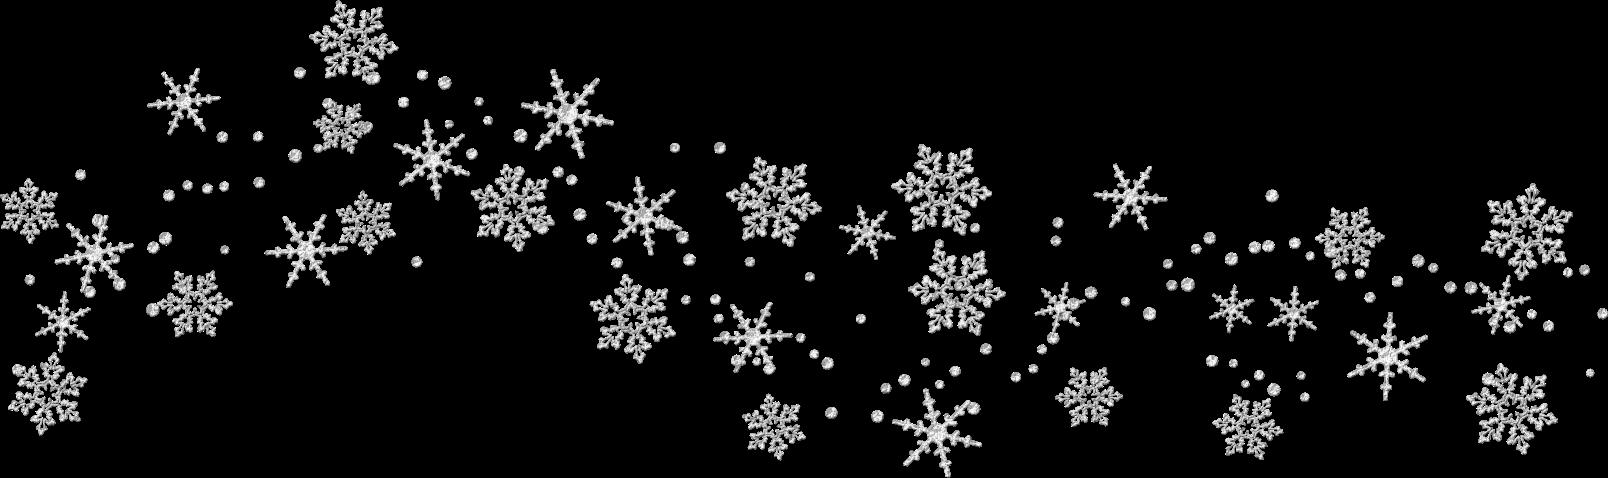 snowflakes-snowflake-clipart-transparent-background-2-clipartix-3.png